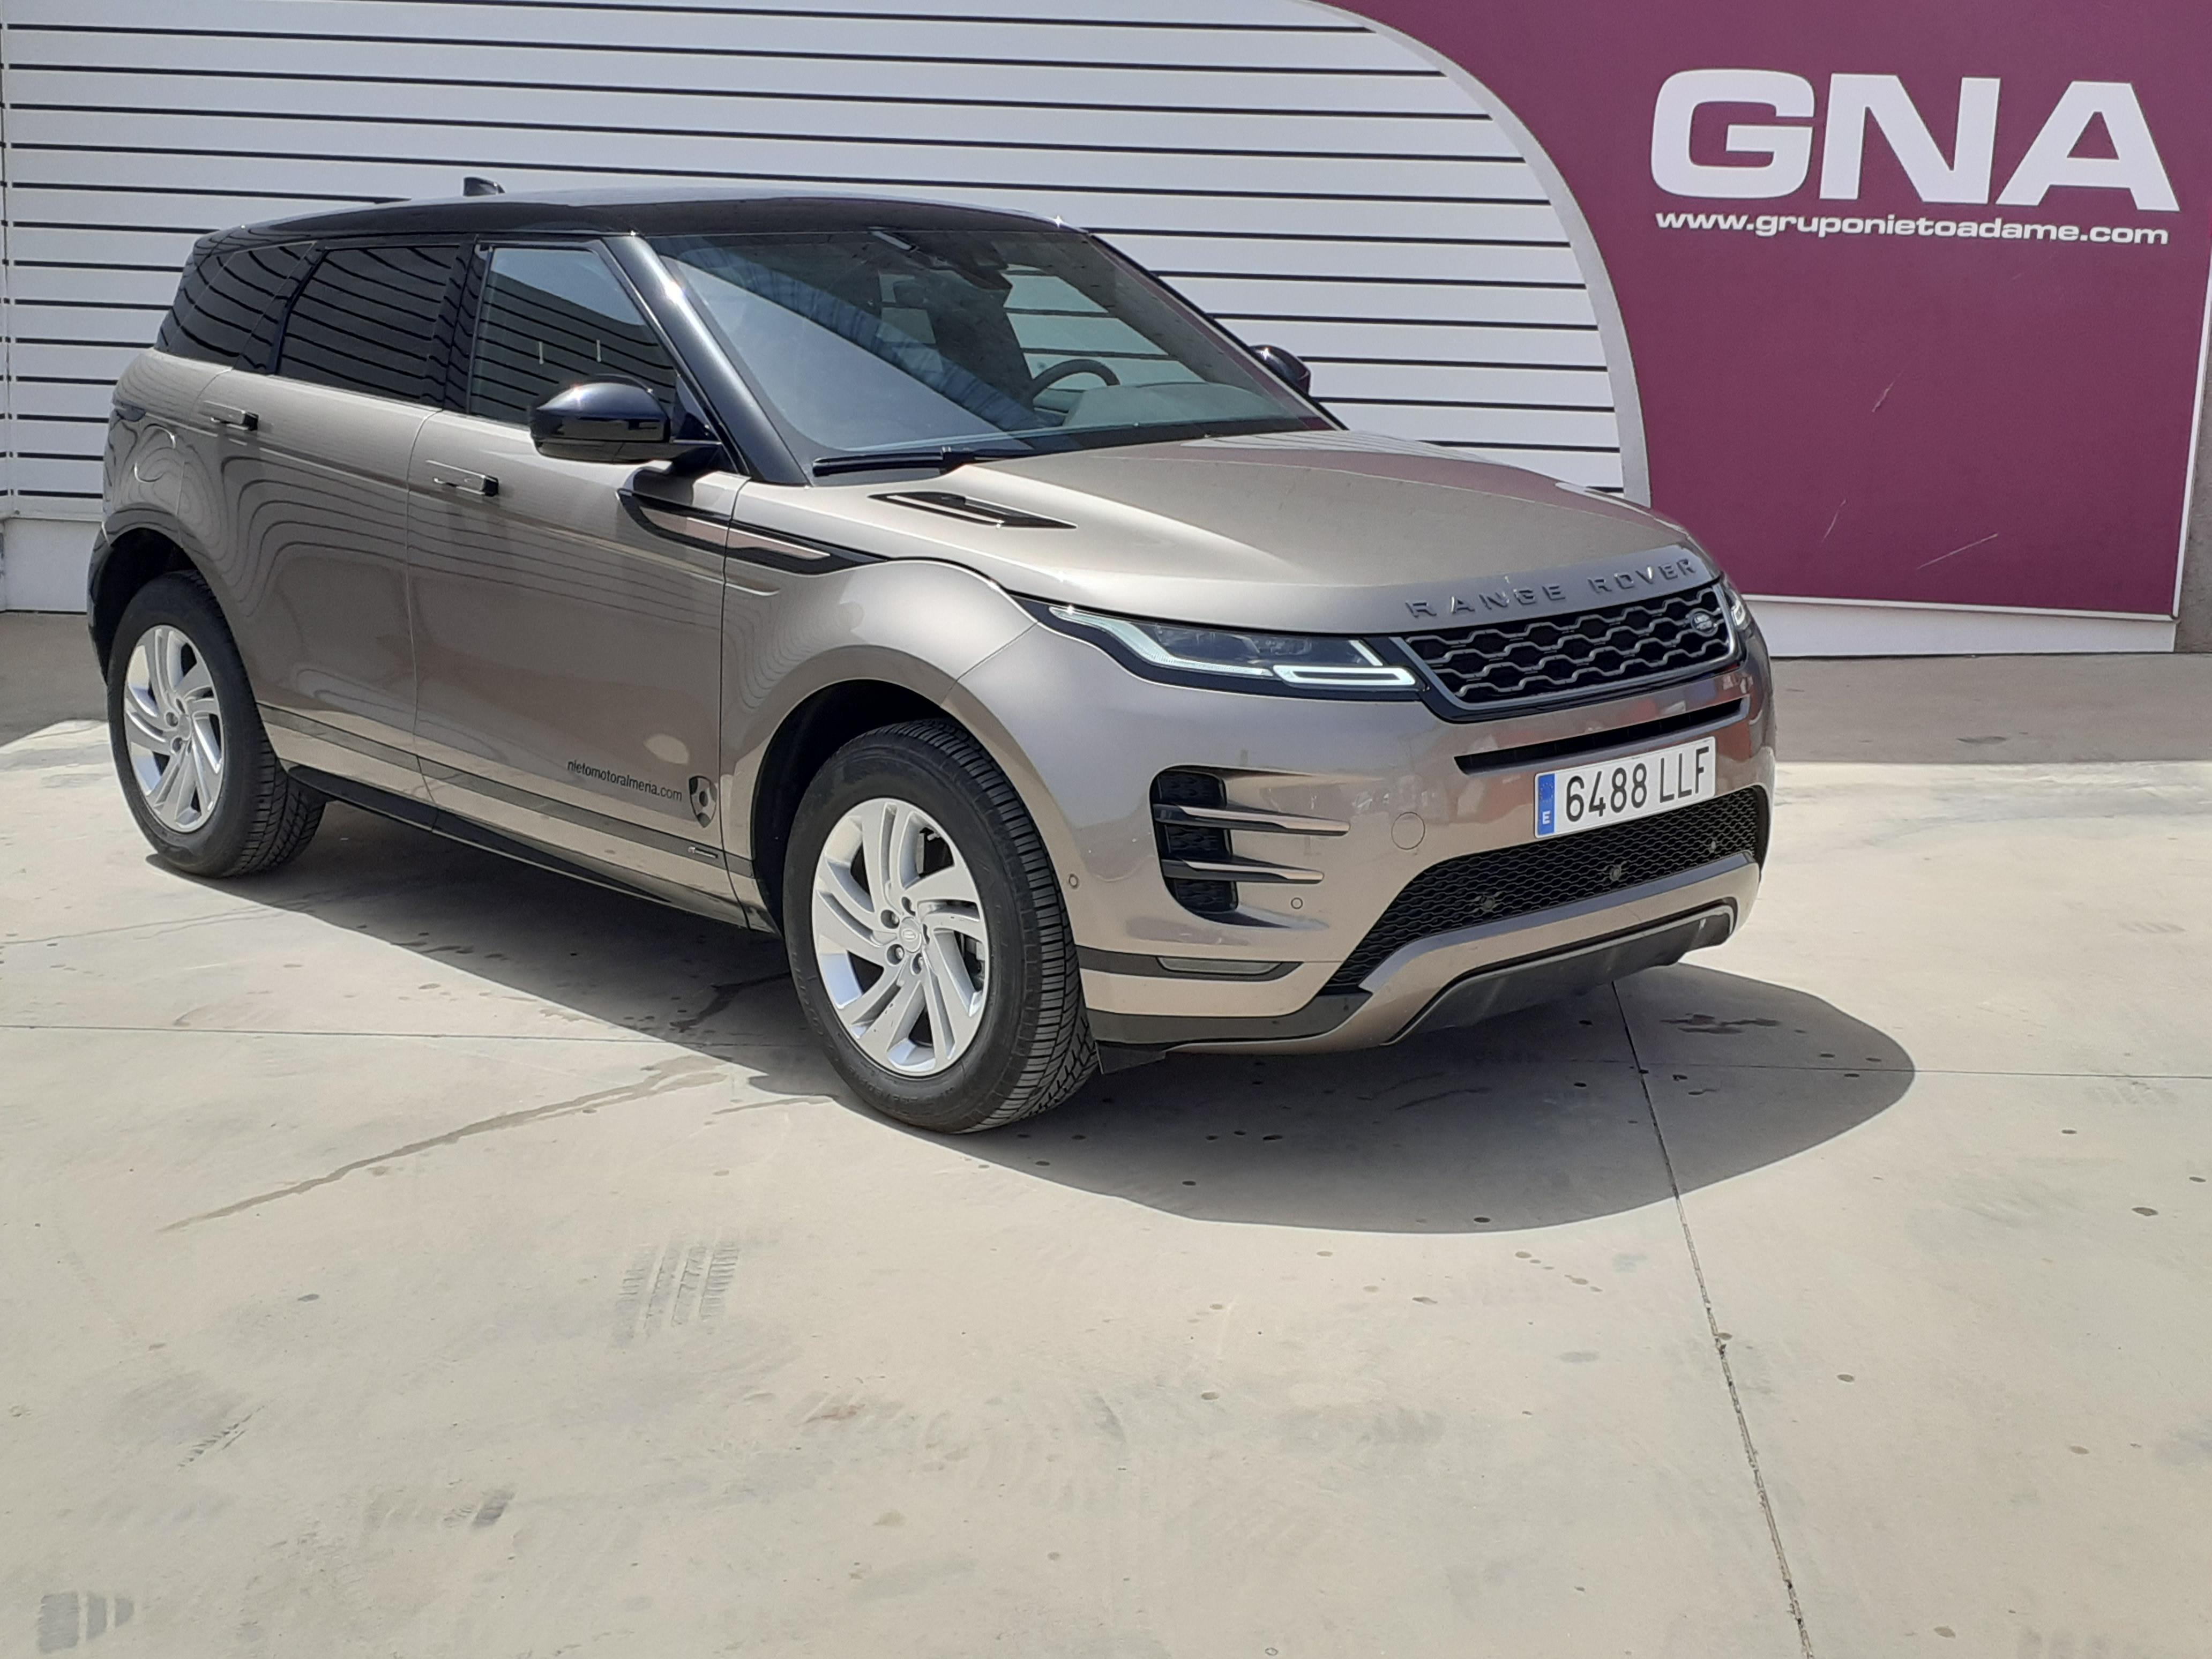 Land Rover Range Rover Evoque ocasión segunda mano 2020 Diésel por 45.800€ en Málaga